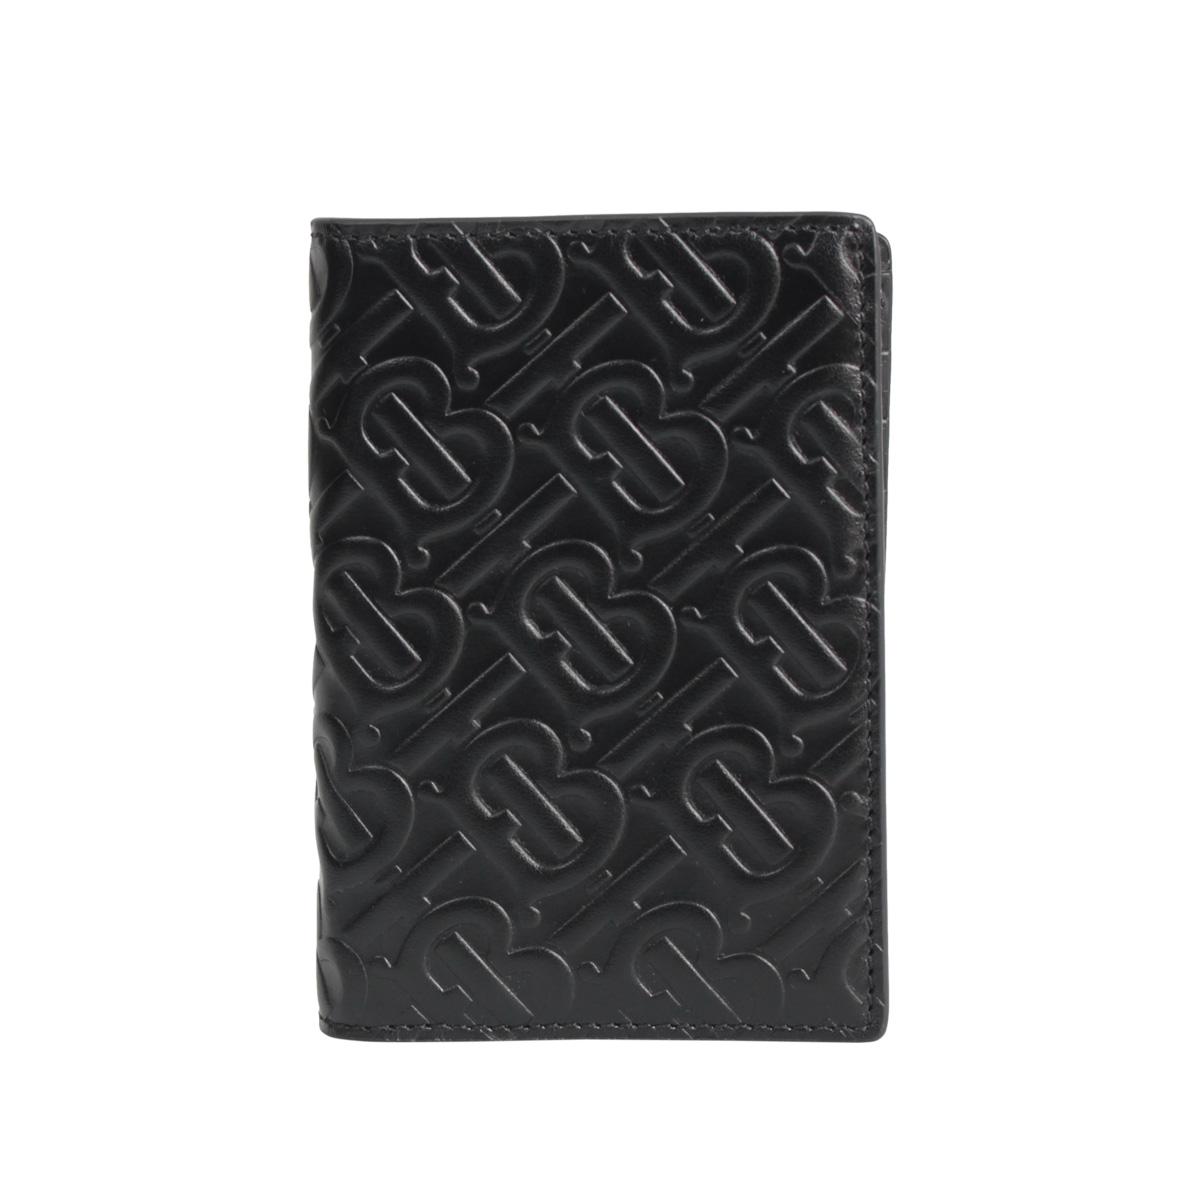 【最大2000円OFFクーポン】 BURBERRY MONOGRAMMED LEATHER PASSPORT CASE バーバリー パスポートケース パスポートホルダー メンズ ブラック 黒 8014445